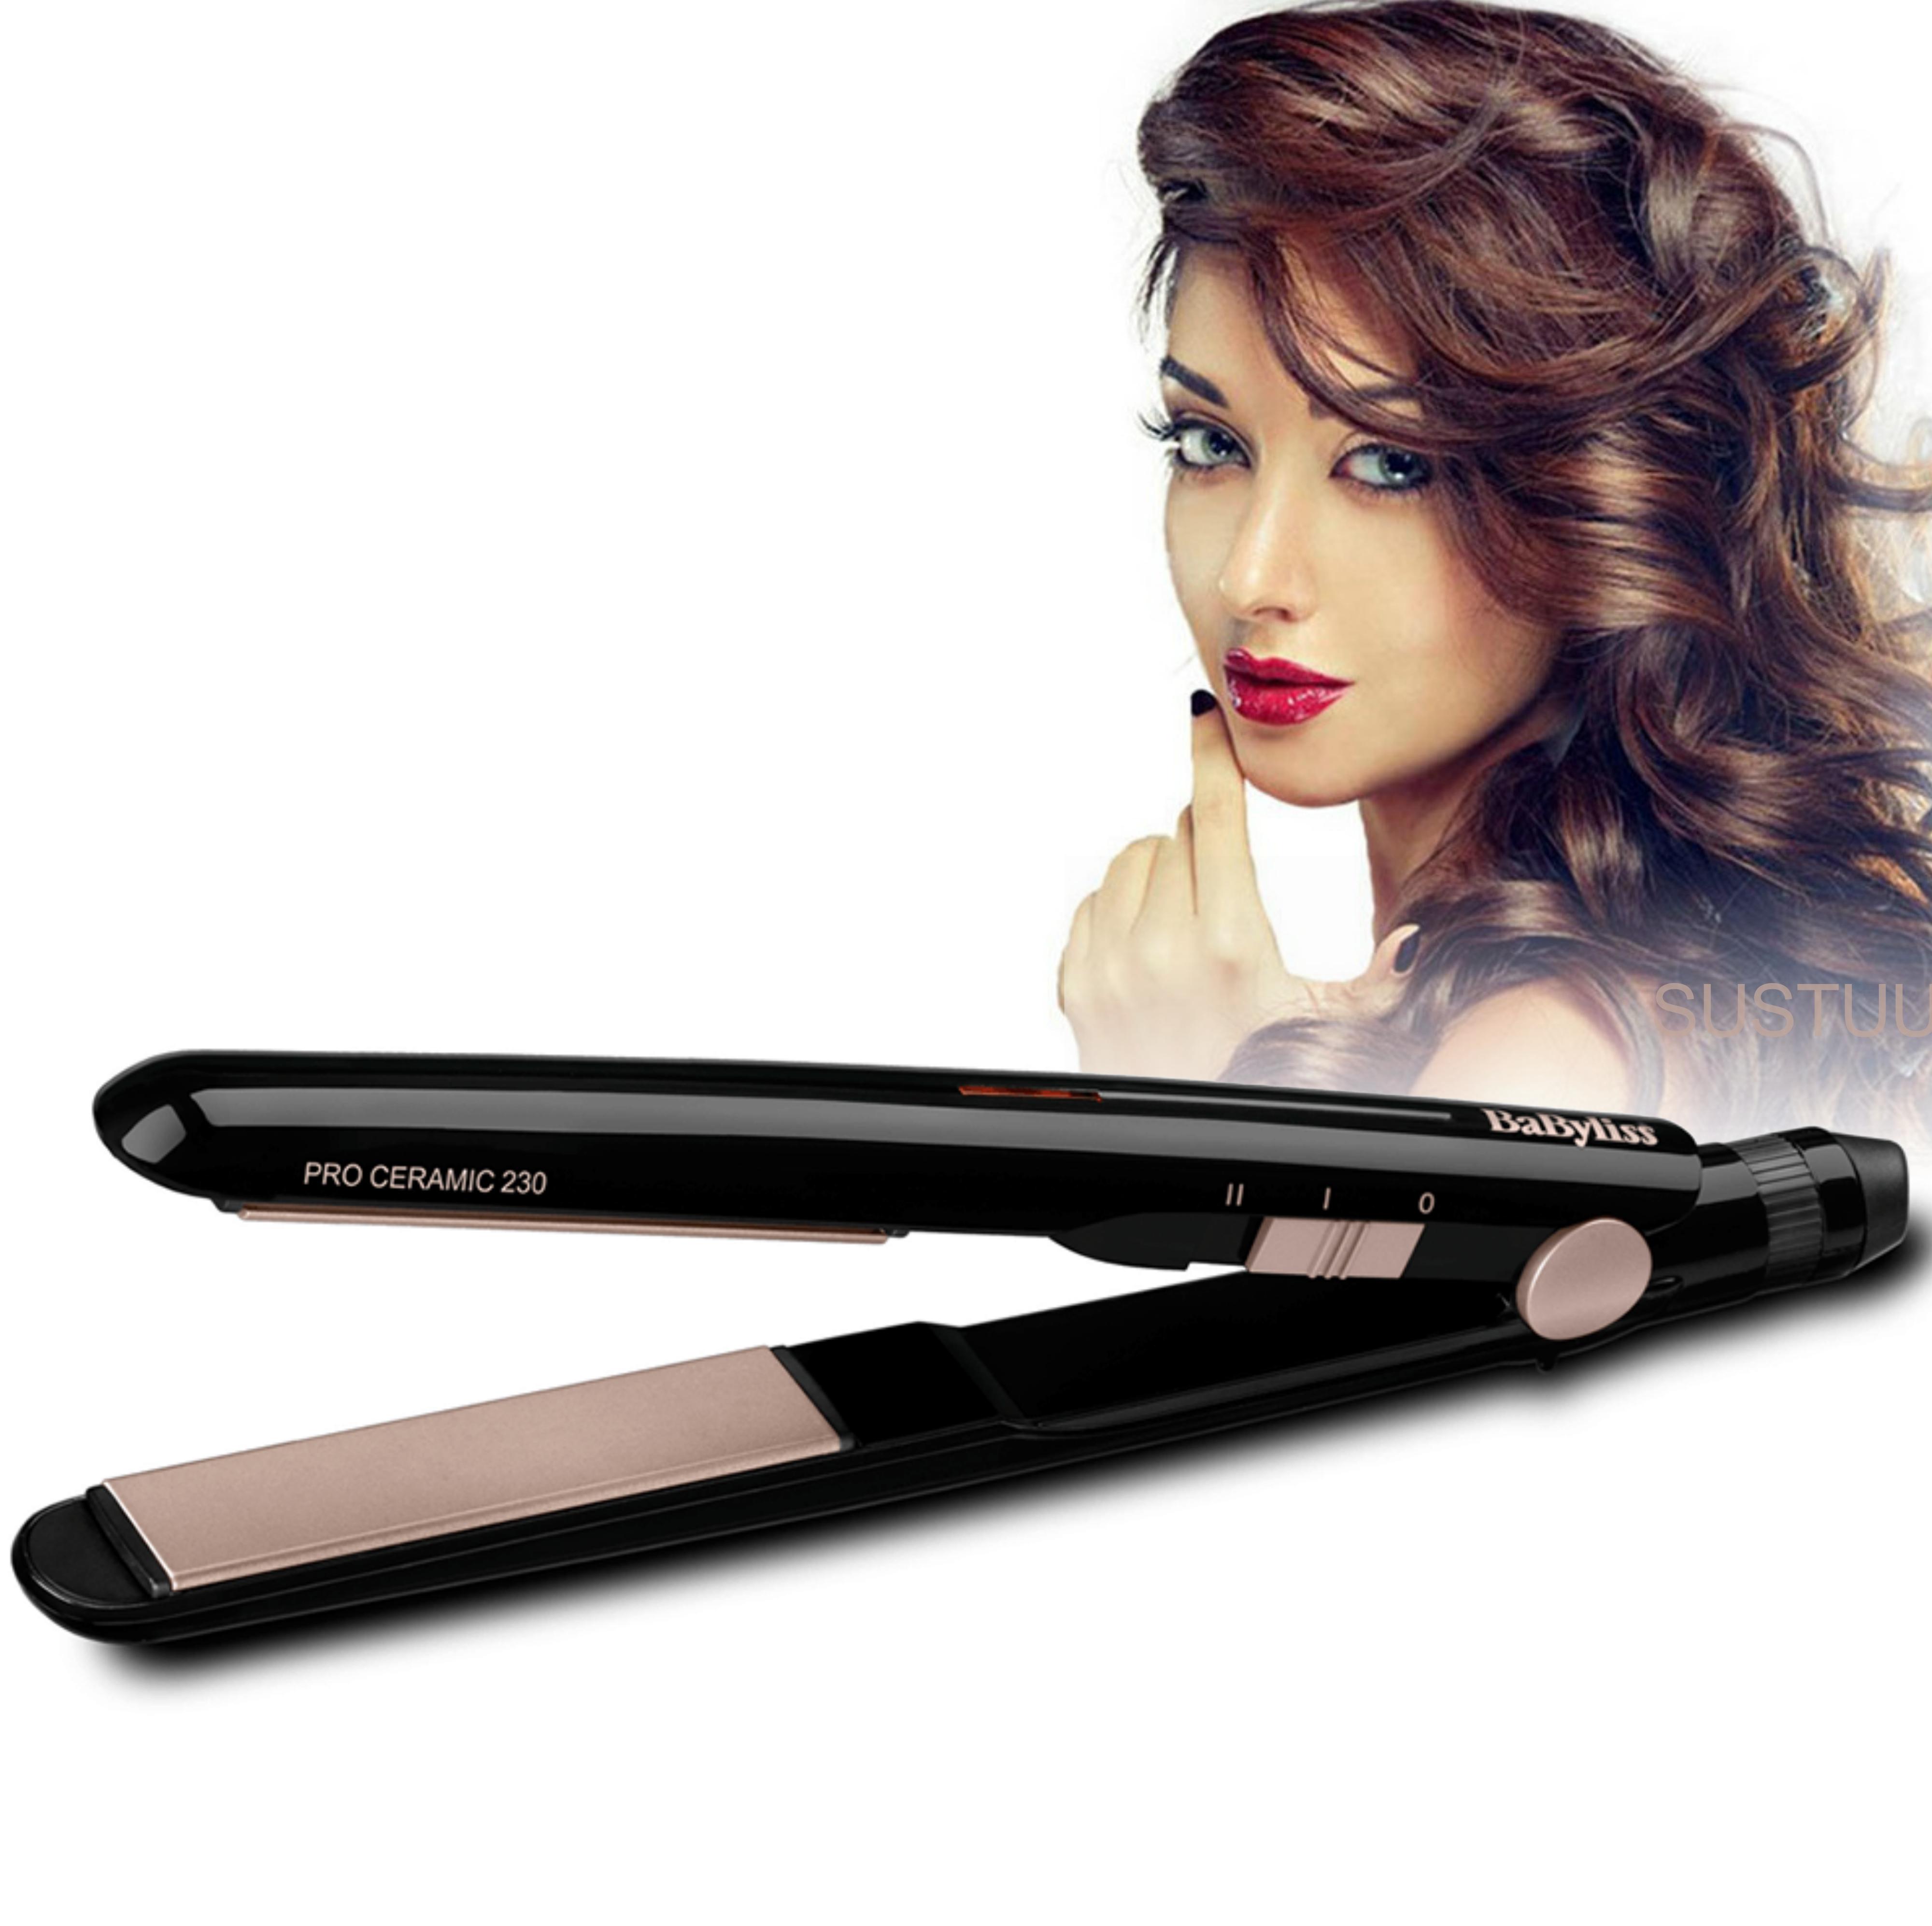 BaByliss 2069U New Pro Ceramic 230°C Hair Straightner|Flicks-Waves-Curls|Black|